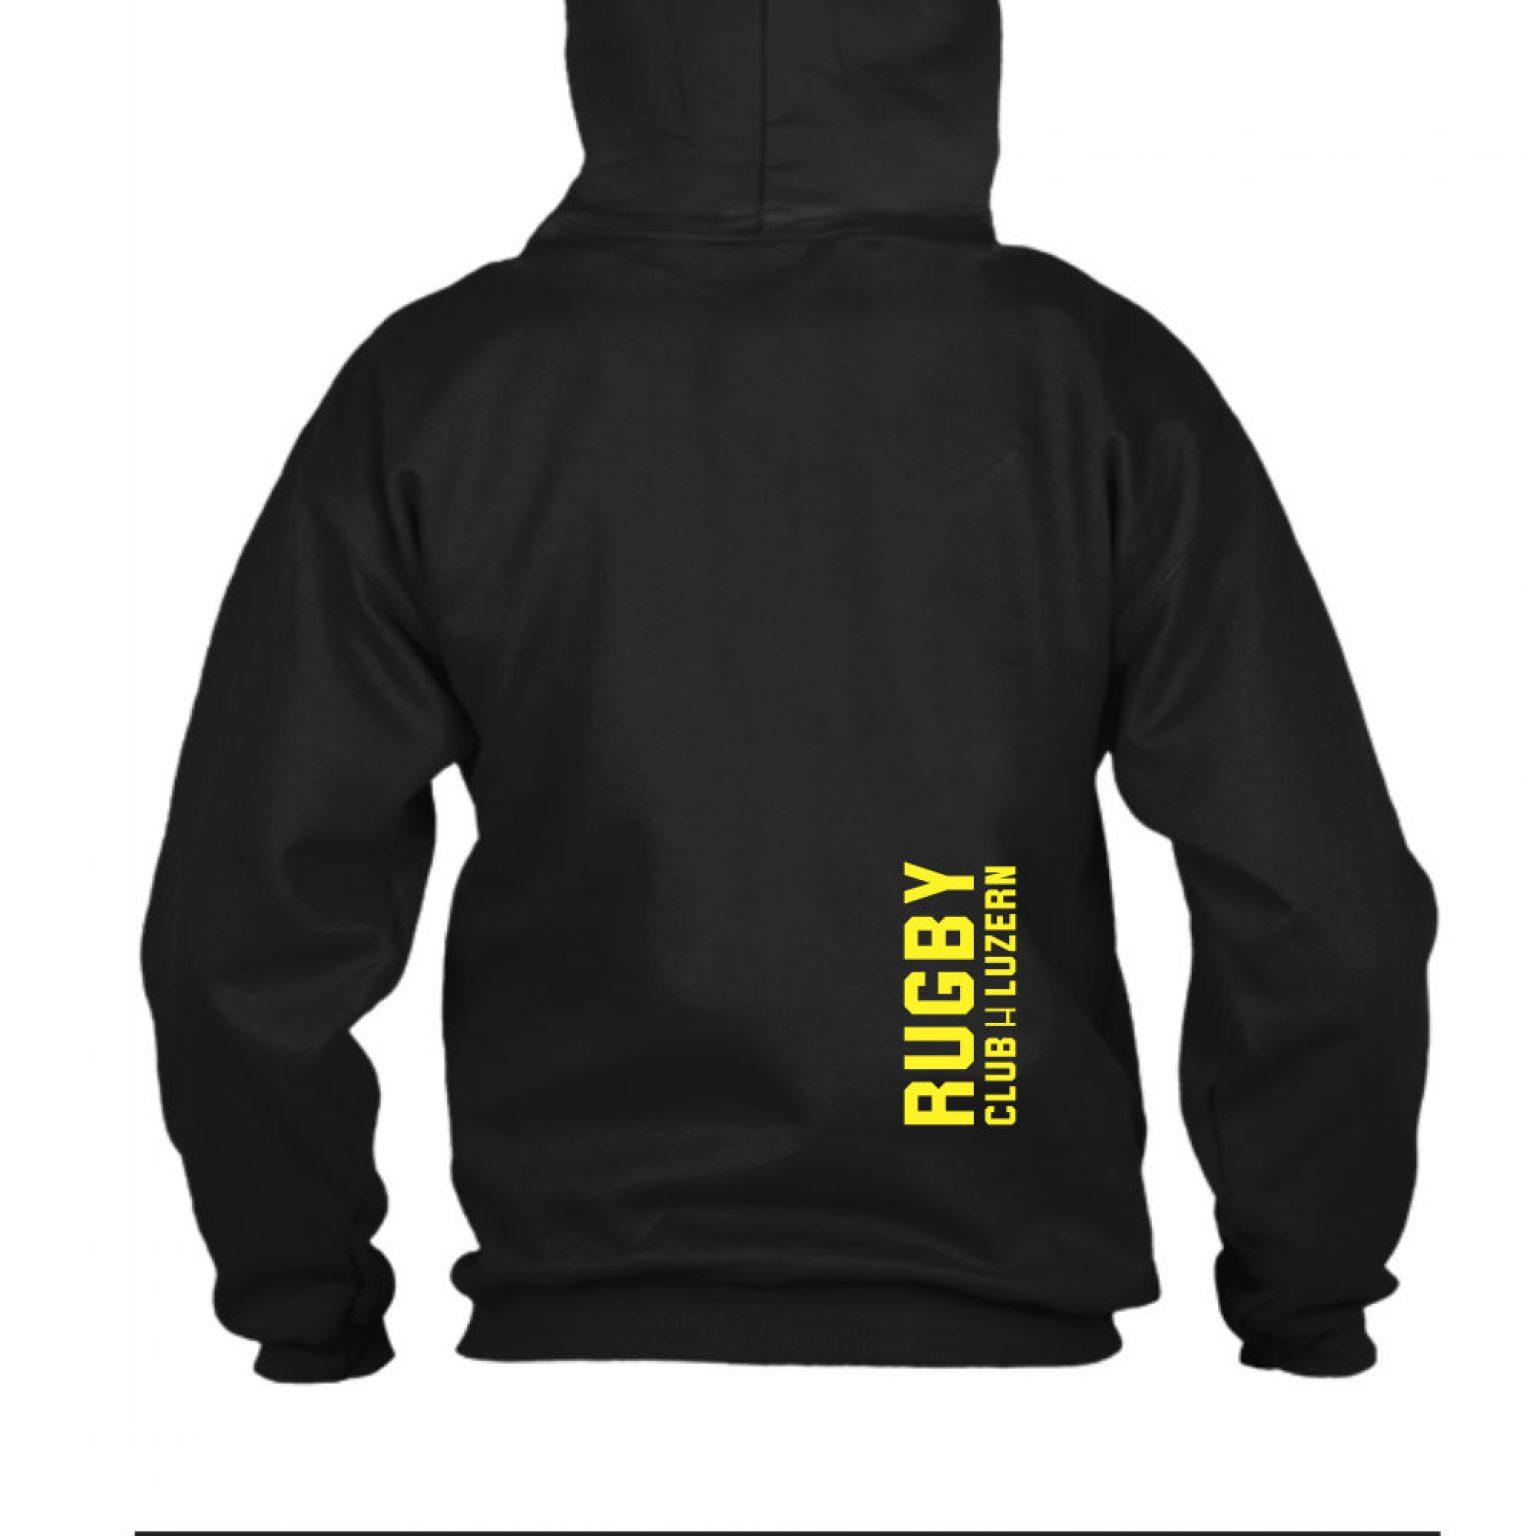 yesmom hoodie herren black back